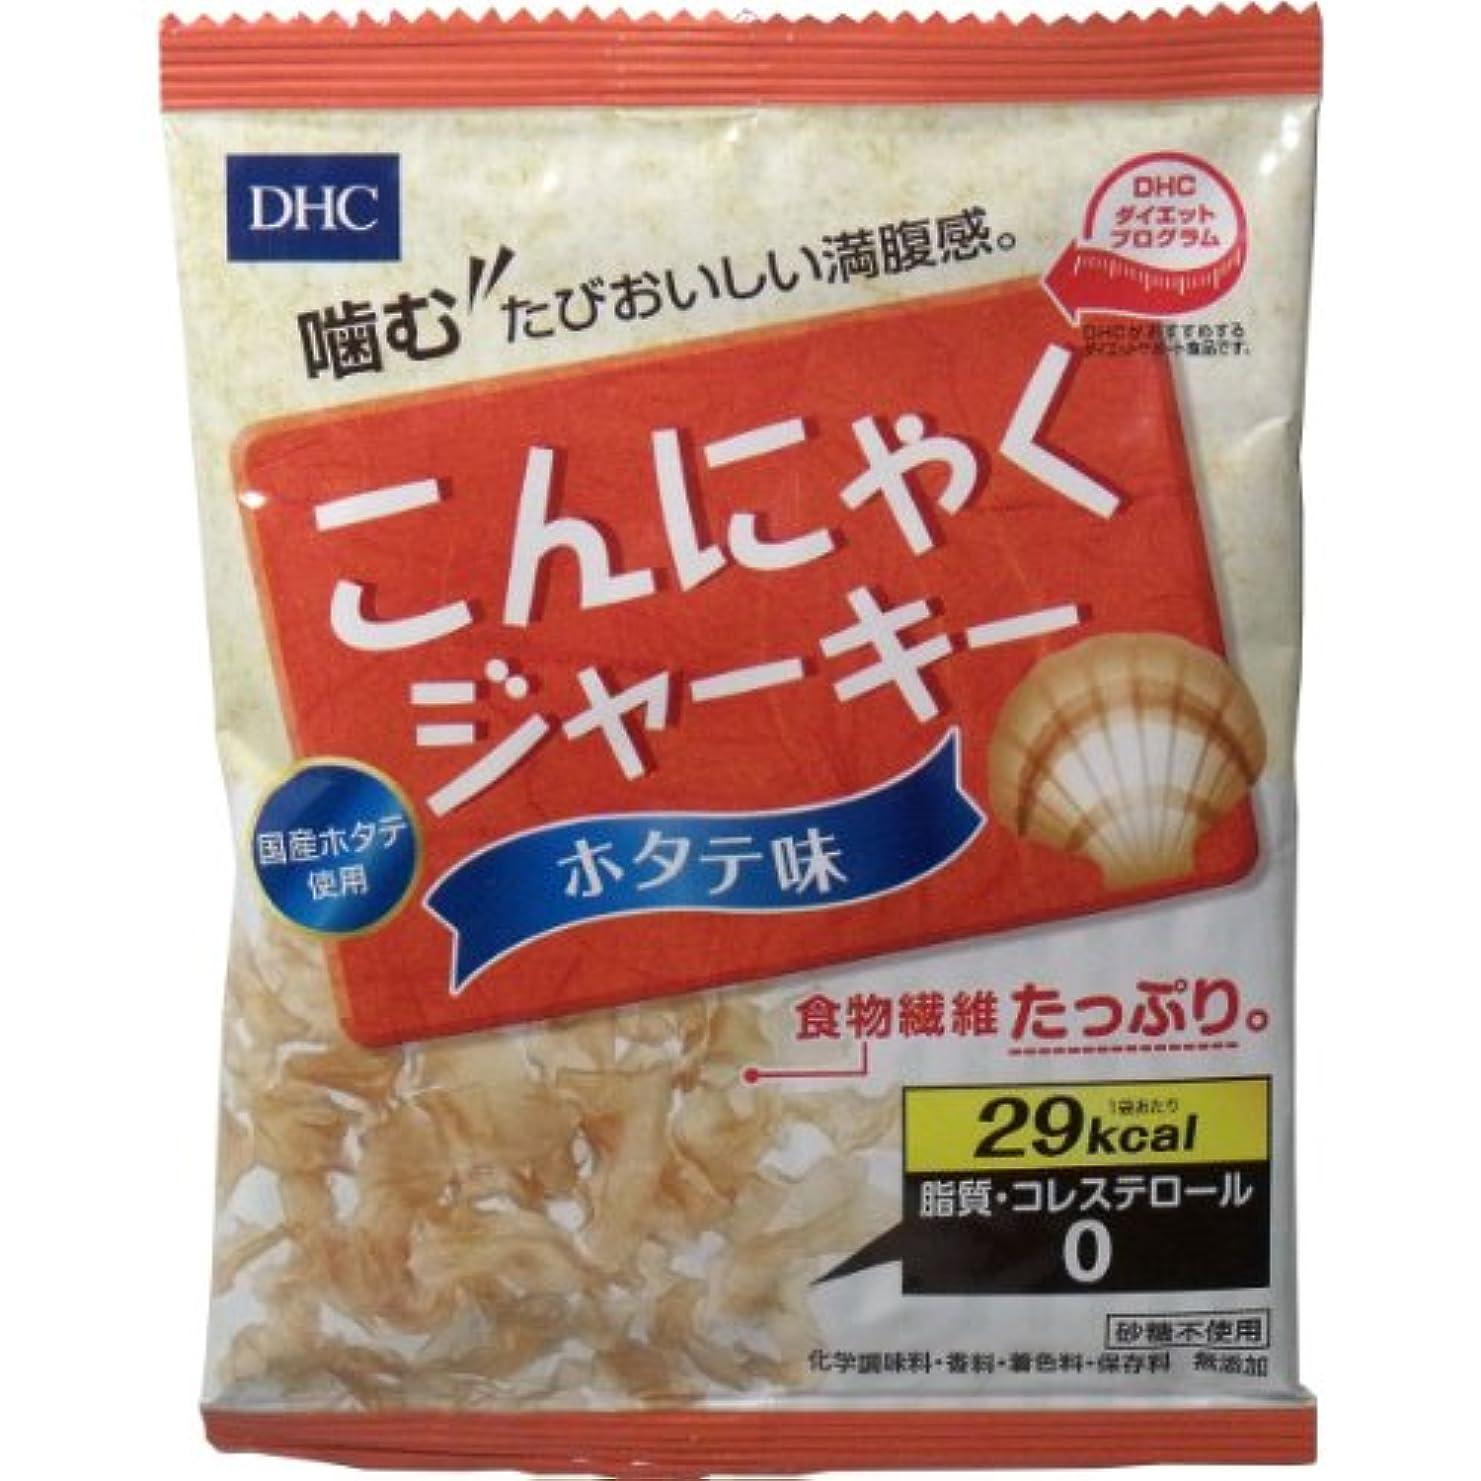 追記シャベルゆるくDHCこんにゃくジャーキー ホタテ味 [ヘルスケア&ケア用品]